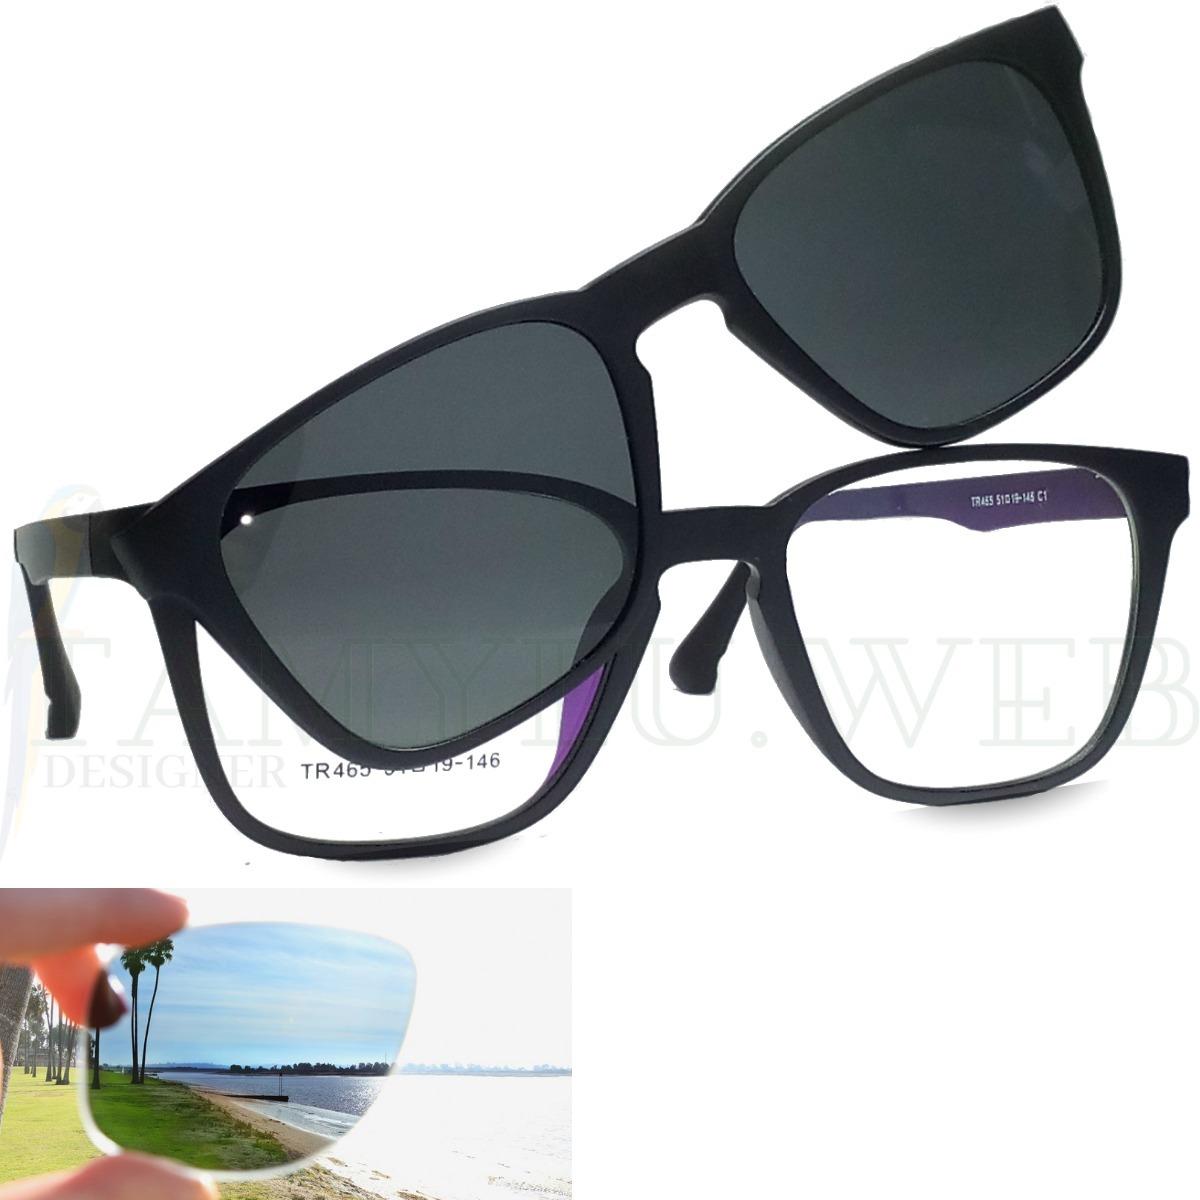 9c72b95ec0b6f Armação De Óculos Clip On Solar Polarizado - R  69,45 em Mercado Livre